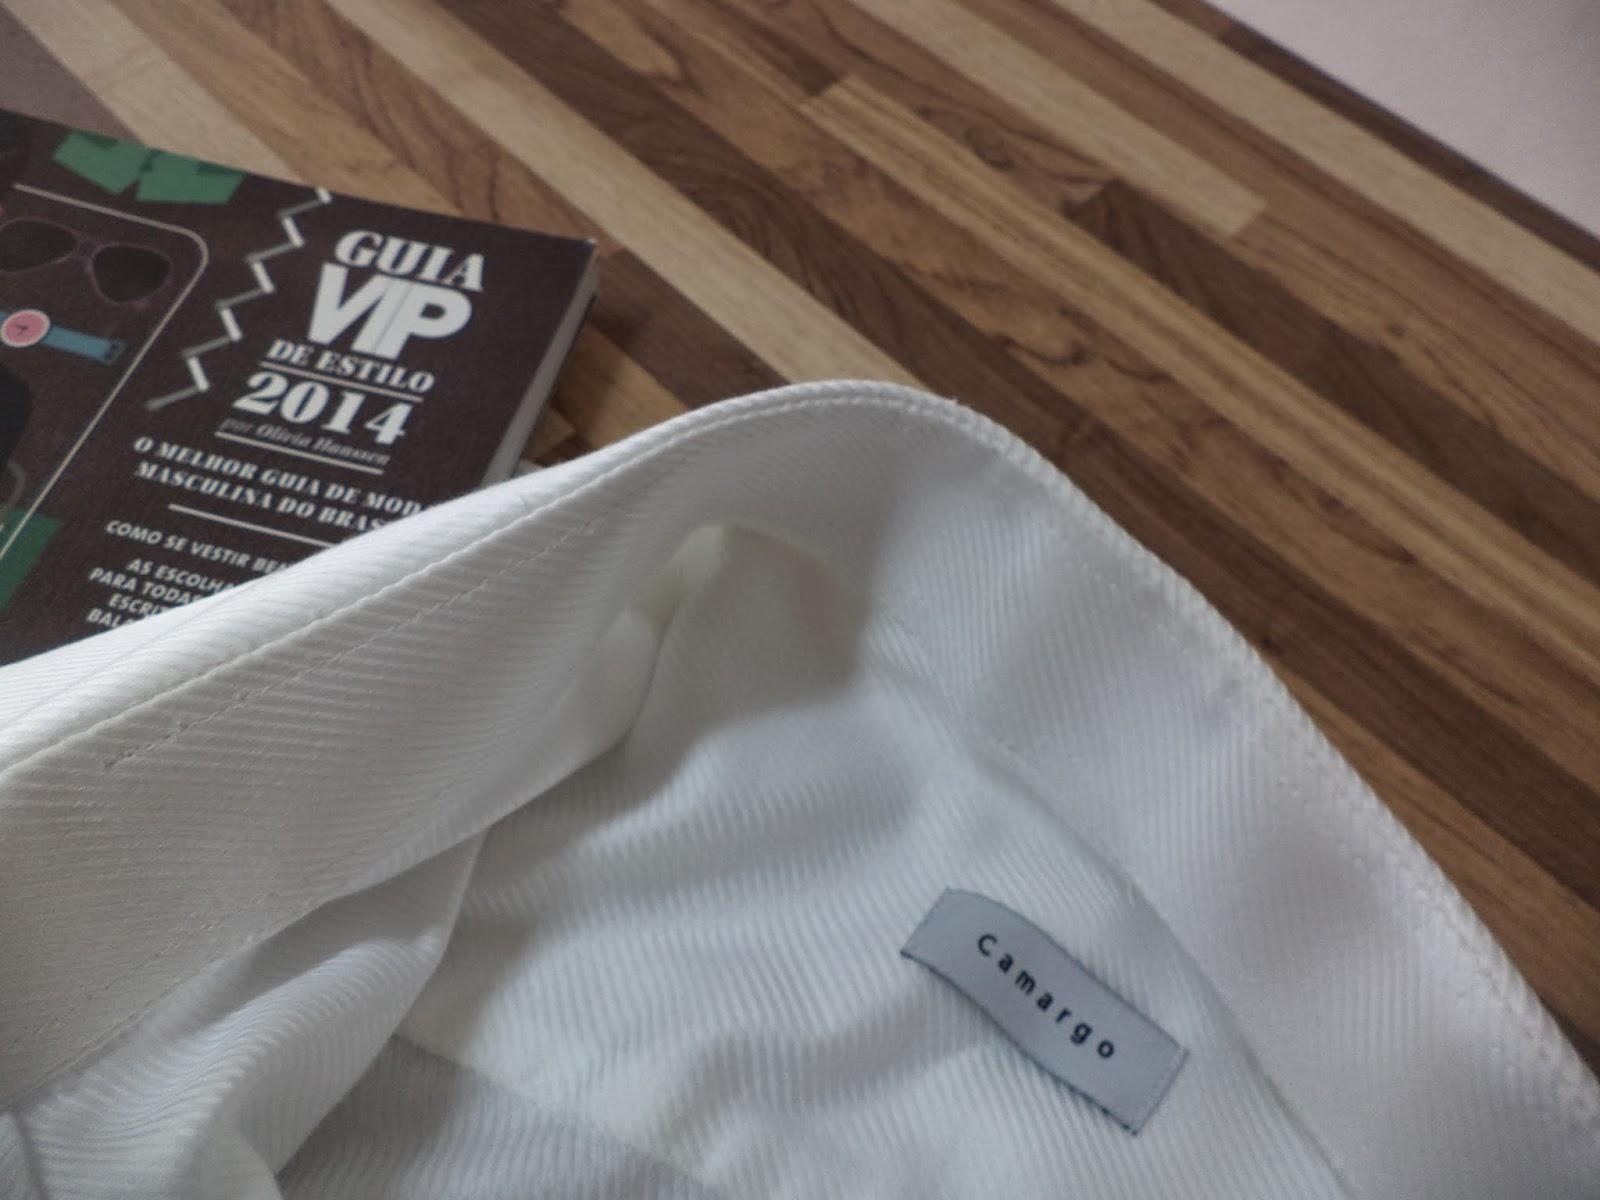 28e4f756d1 Diminuir punho em camisa social diminuir tamanho da manga de camisa.  Ajustar a lateral de uma camisa social. Ajustar camisa de alfaiataria